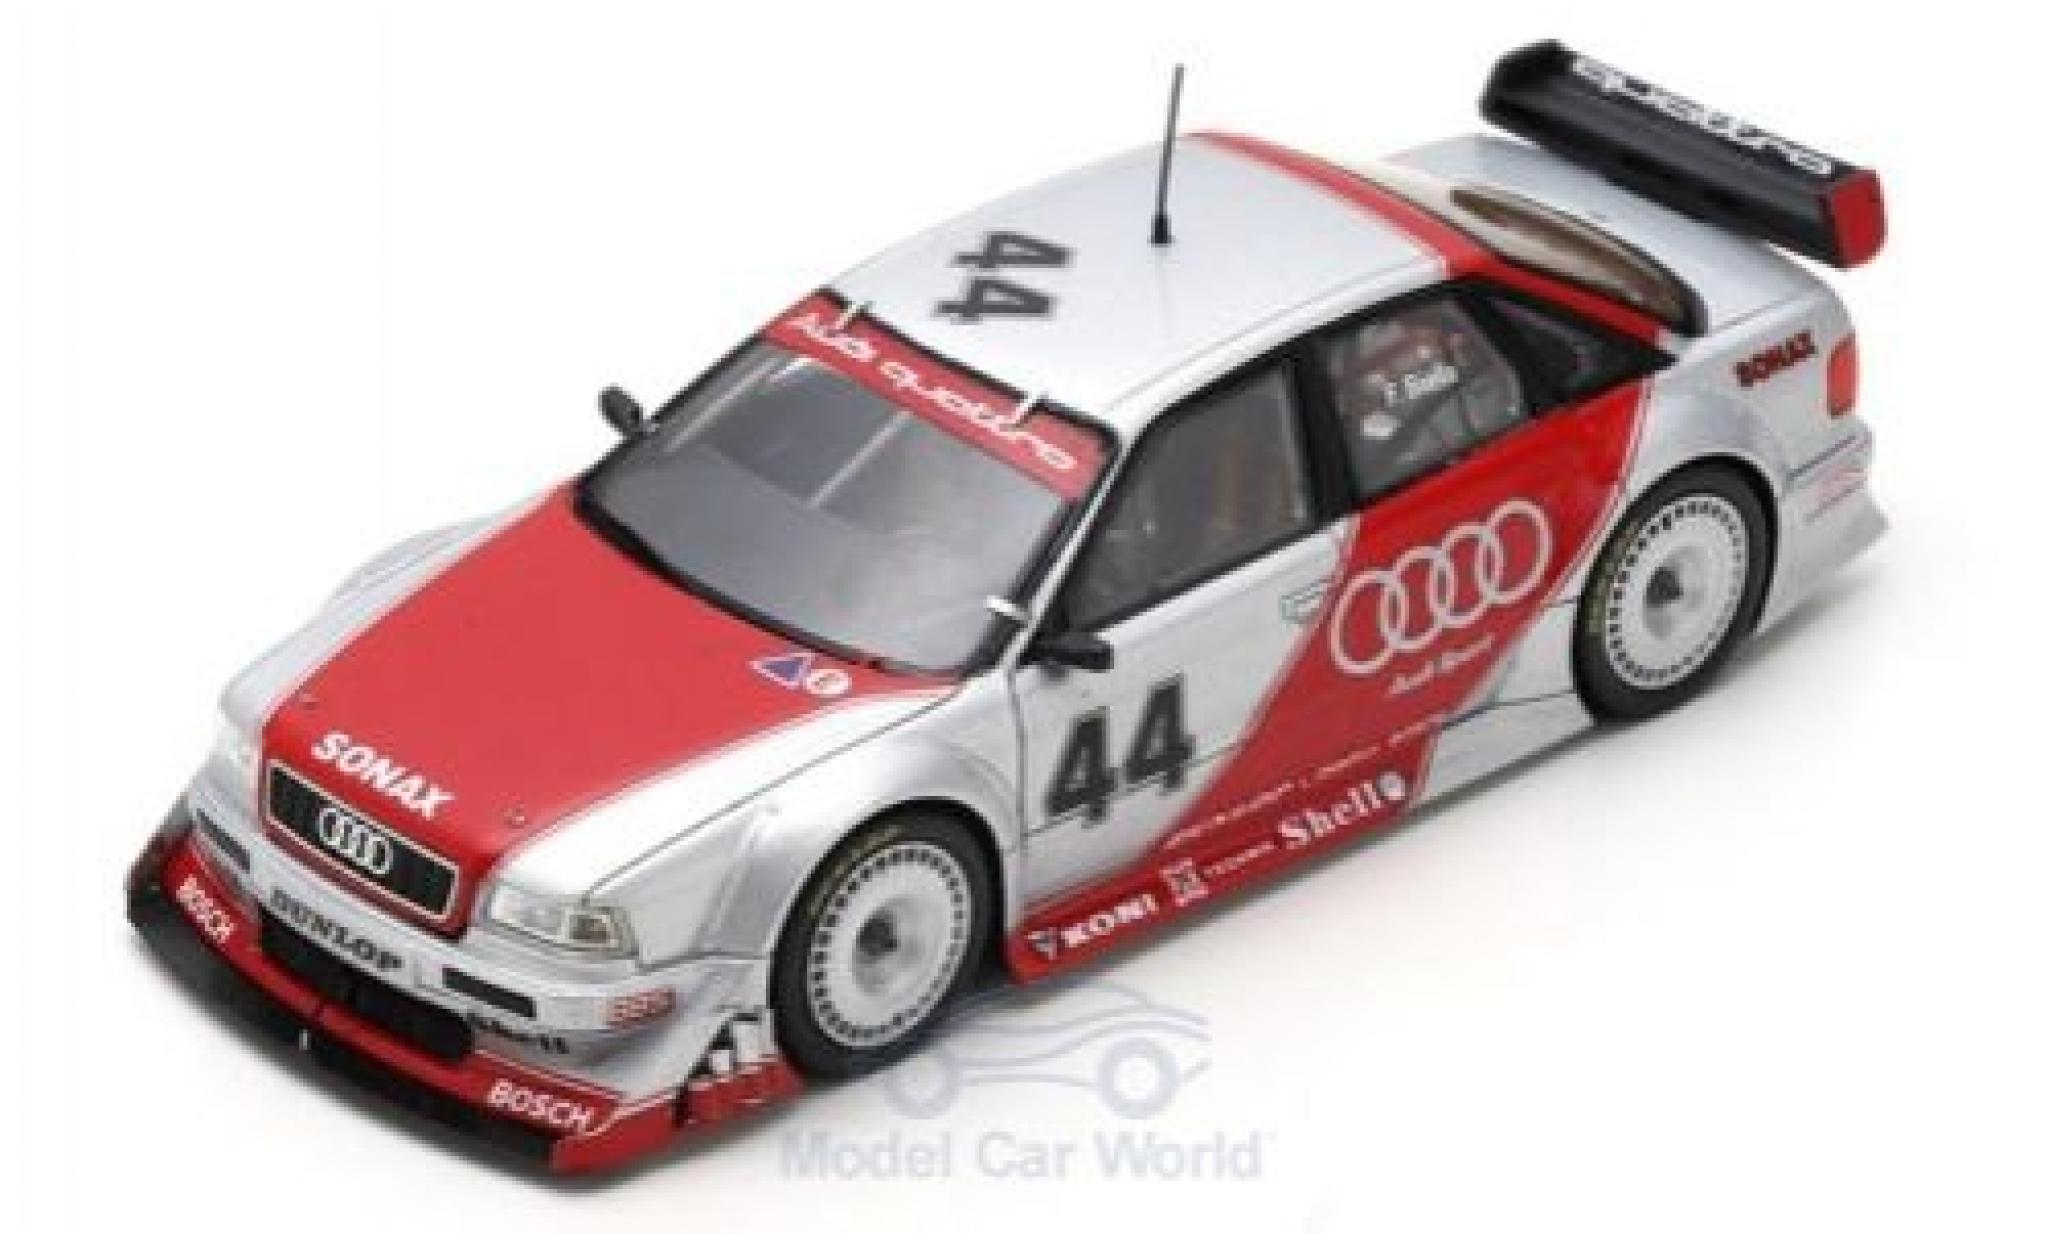 Audi 80 quattro 1/43 Spark 2.5 DTM No.44 DTM 1993 Prougeotyp